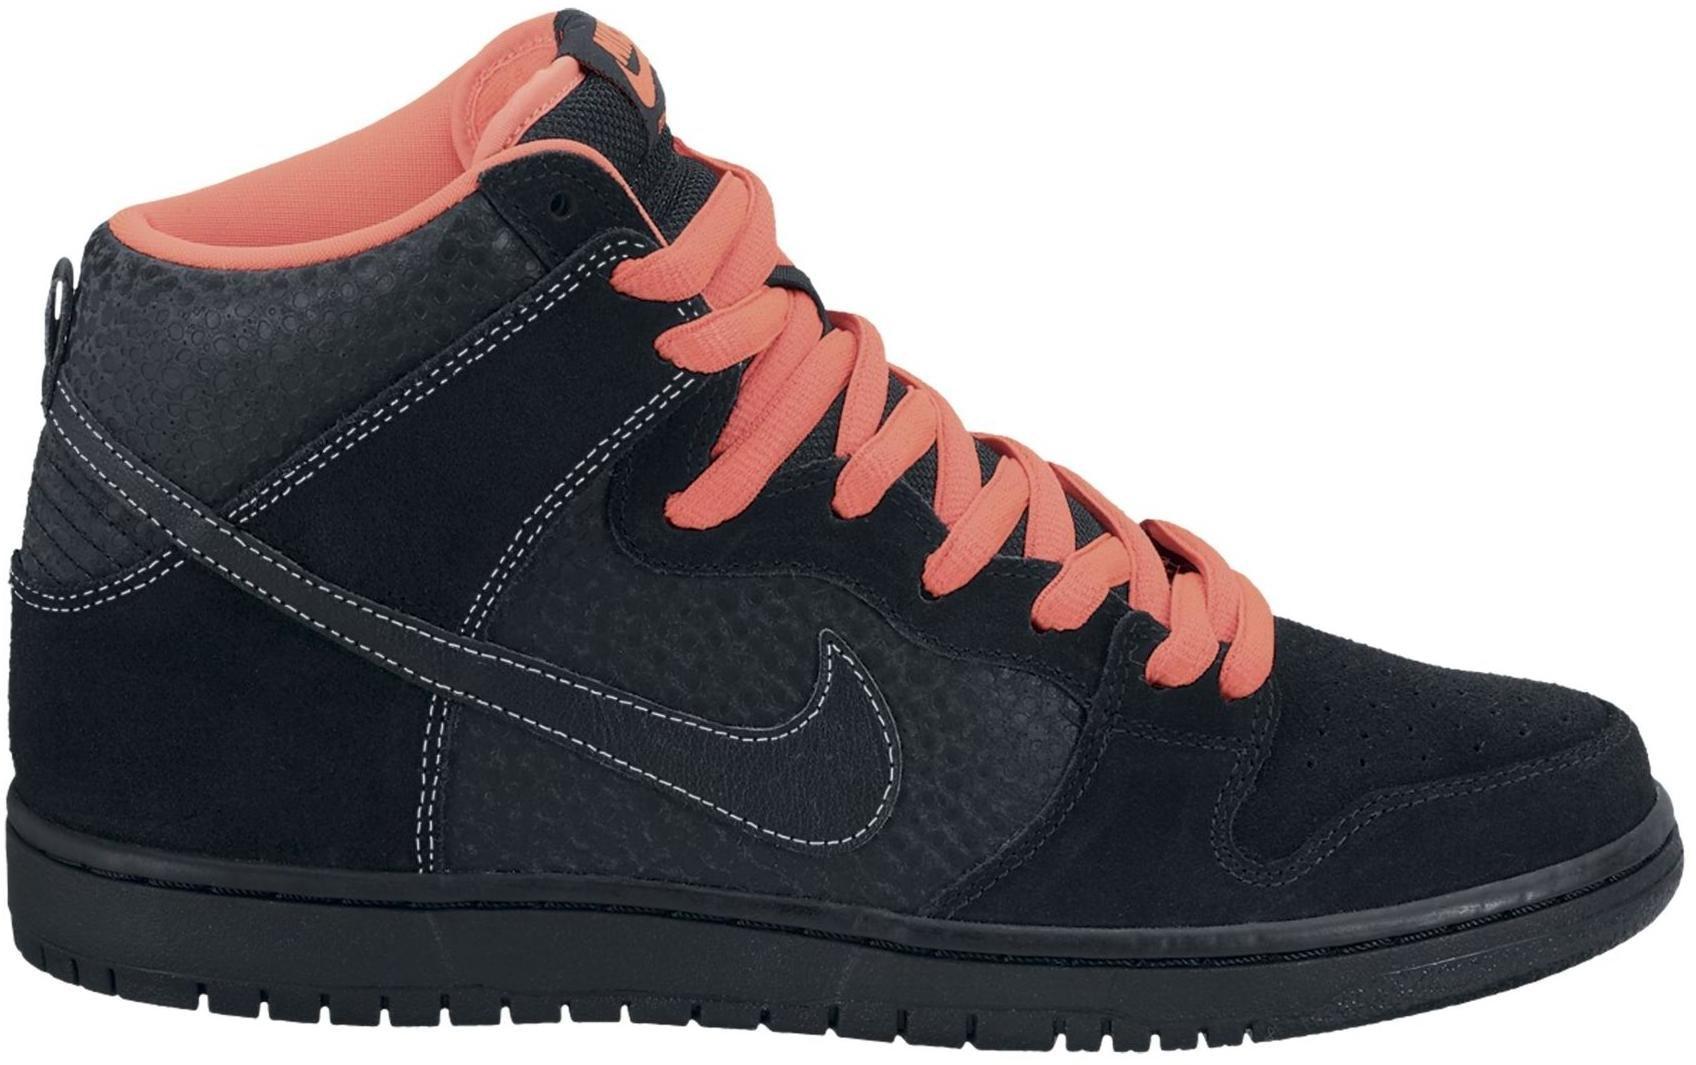 Nike Dunk SB High Black Safari Atomic Red